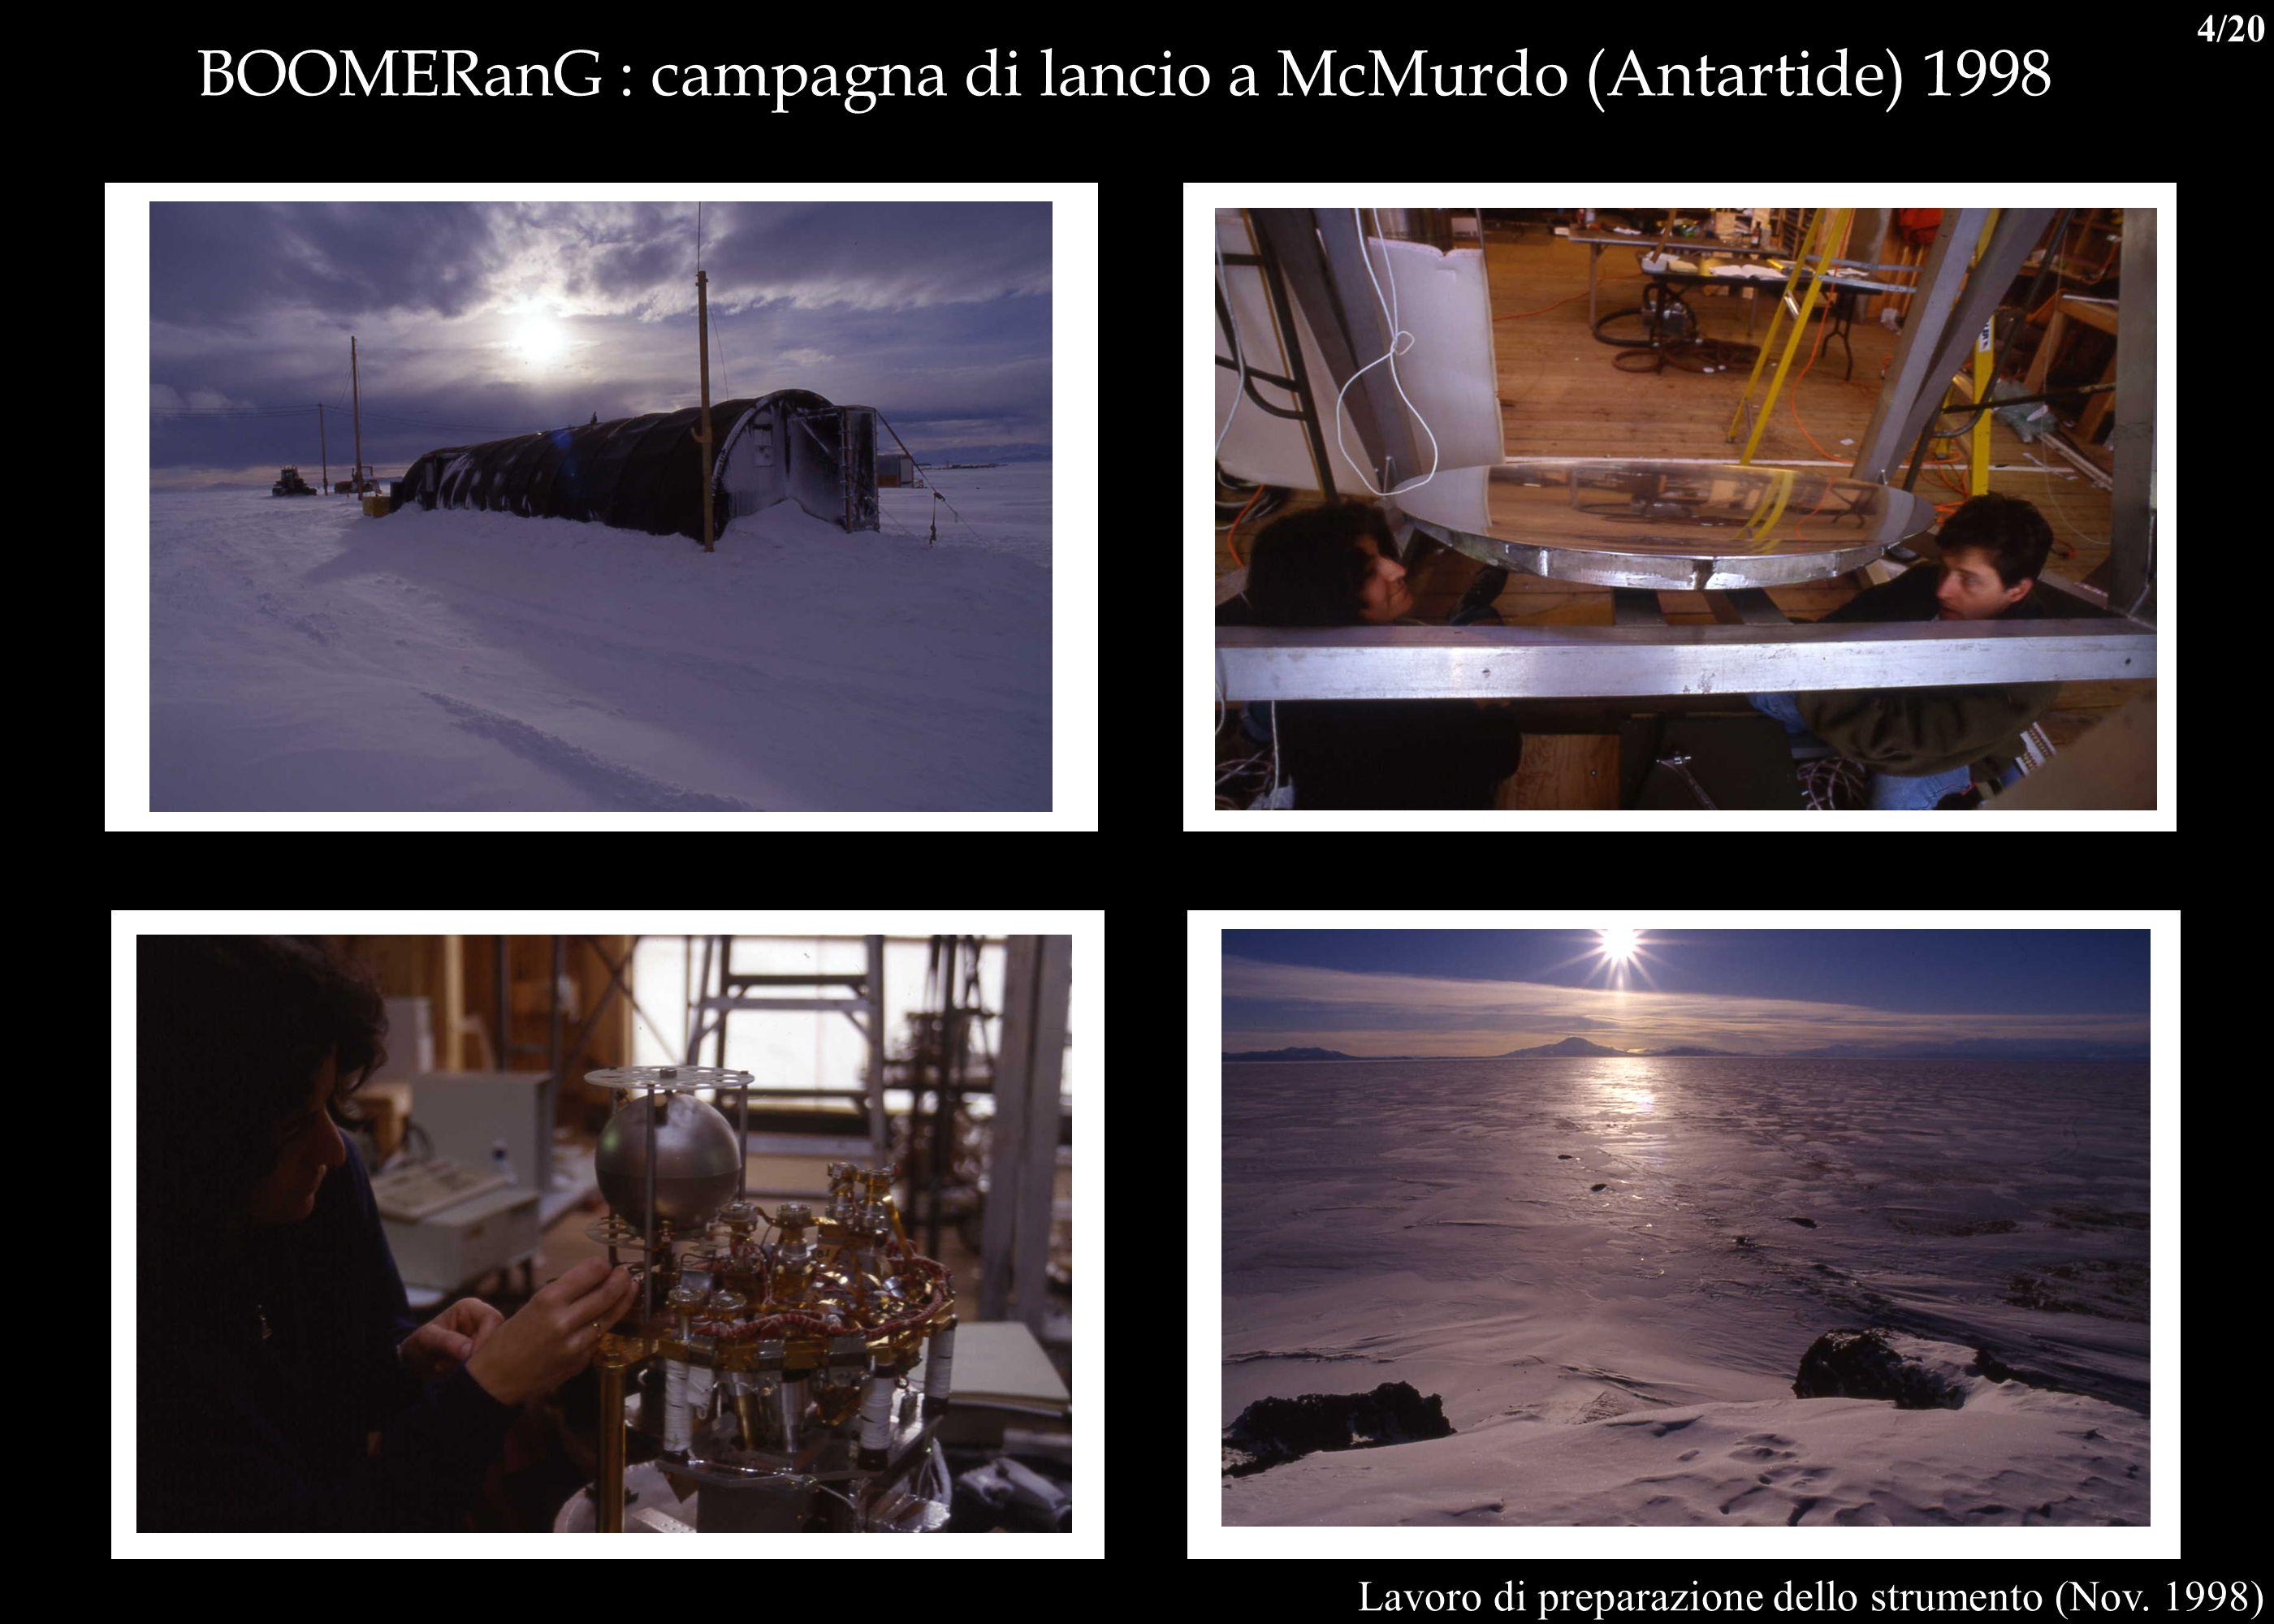 BOOMERanG : campagna di lancio a McMurdo (Antartide) 1998 Lavoro di preparazione dello strumento (Nov. 1998) 4/20